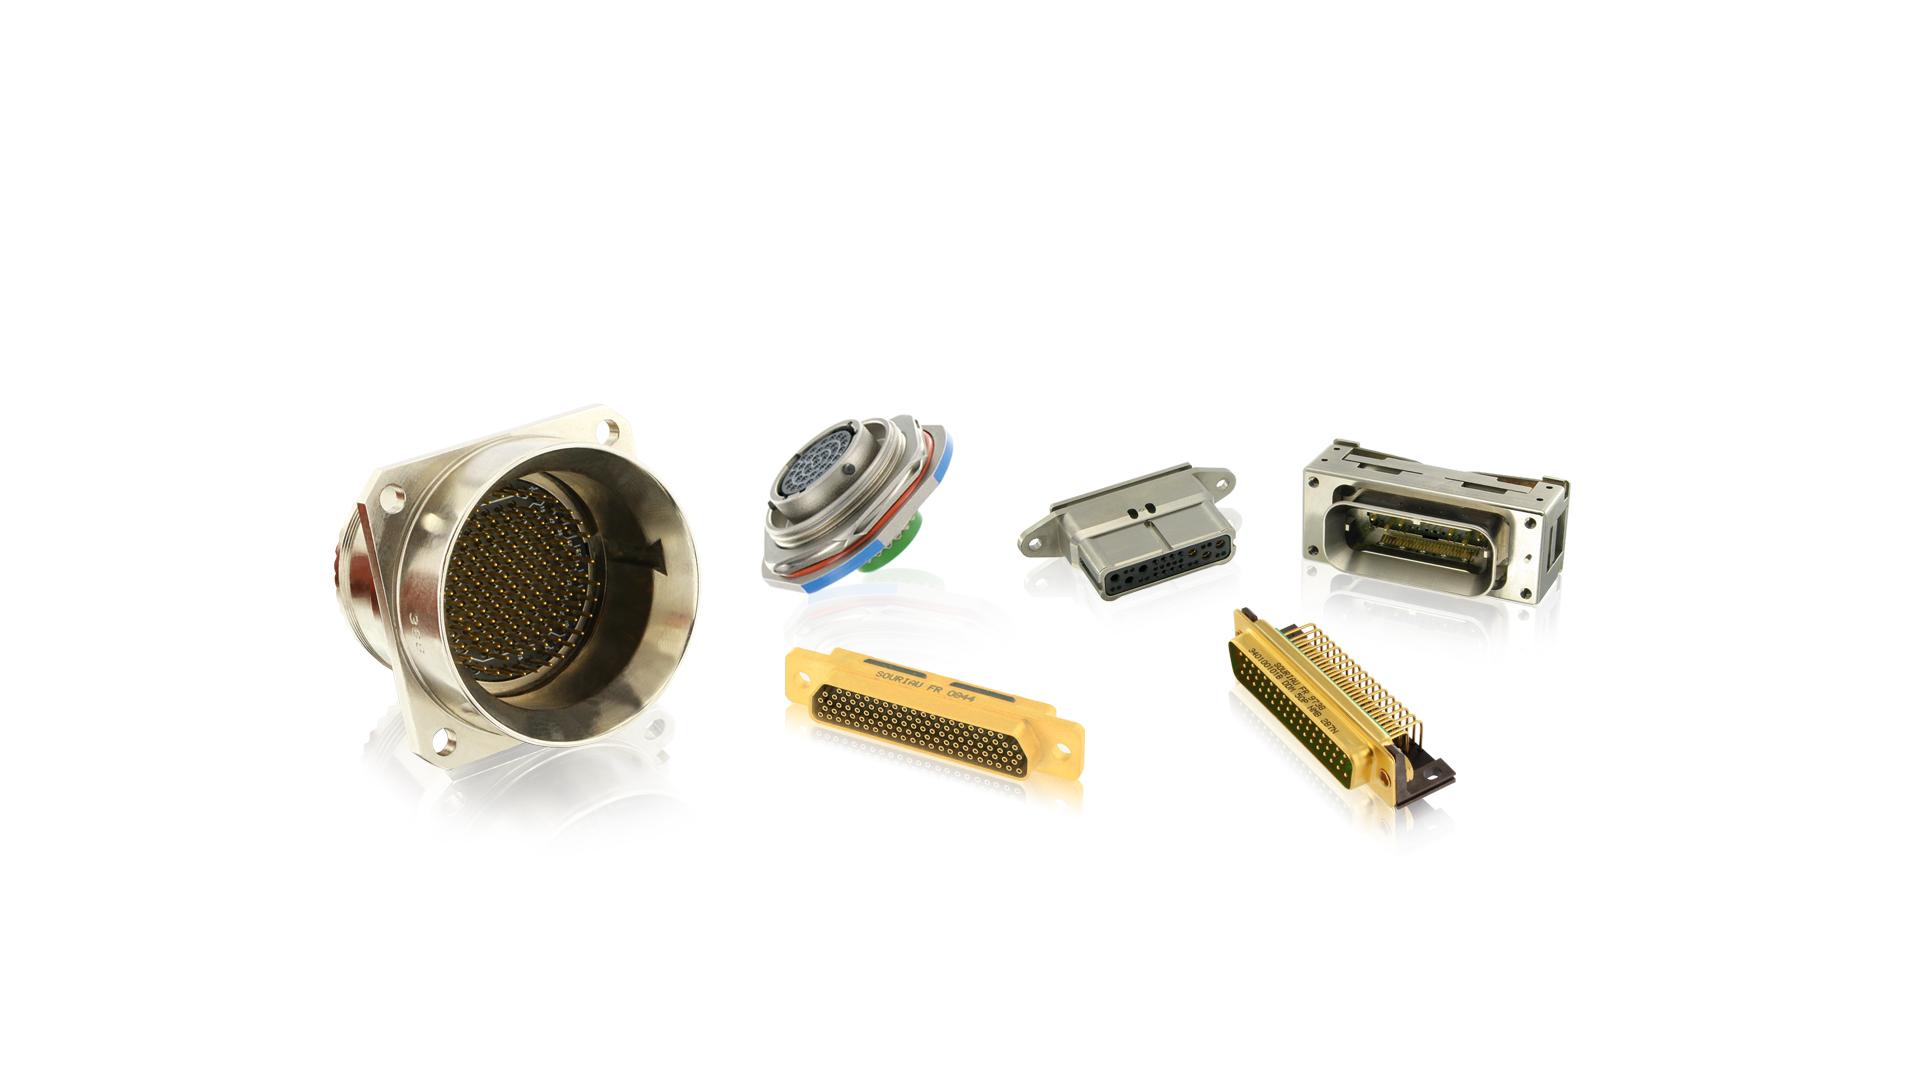 spacecraft connectors - photo #37